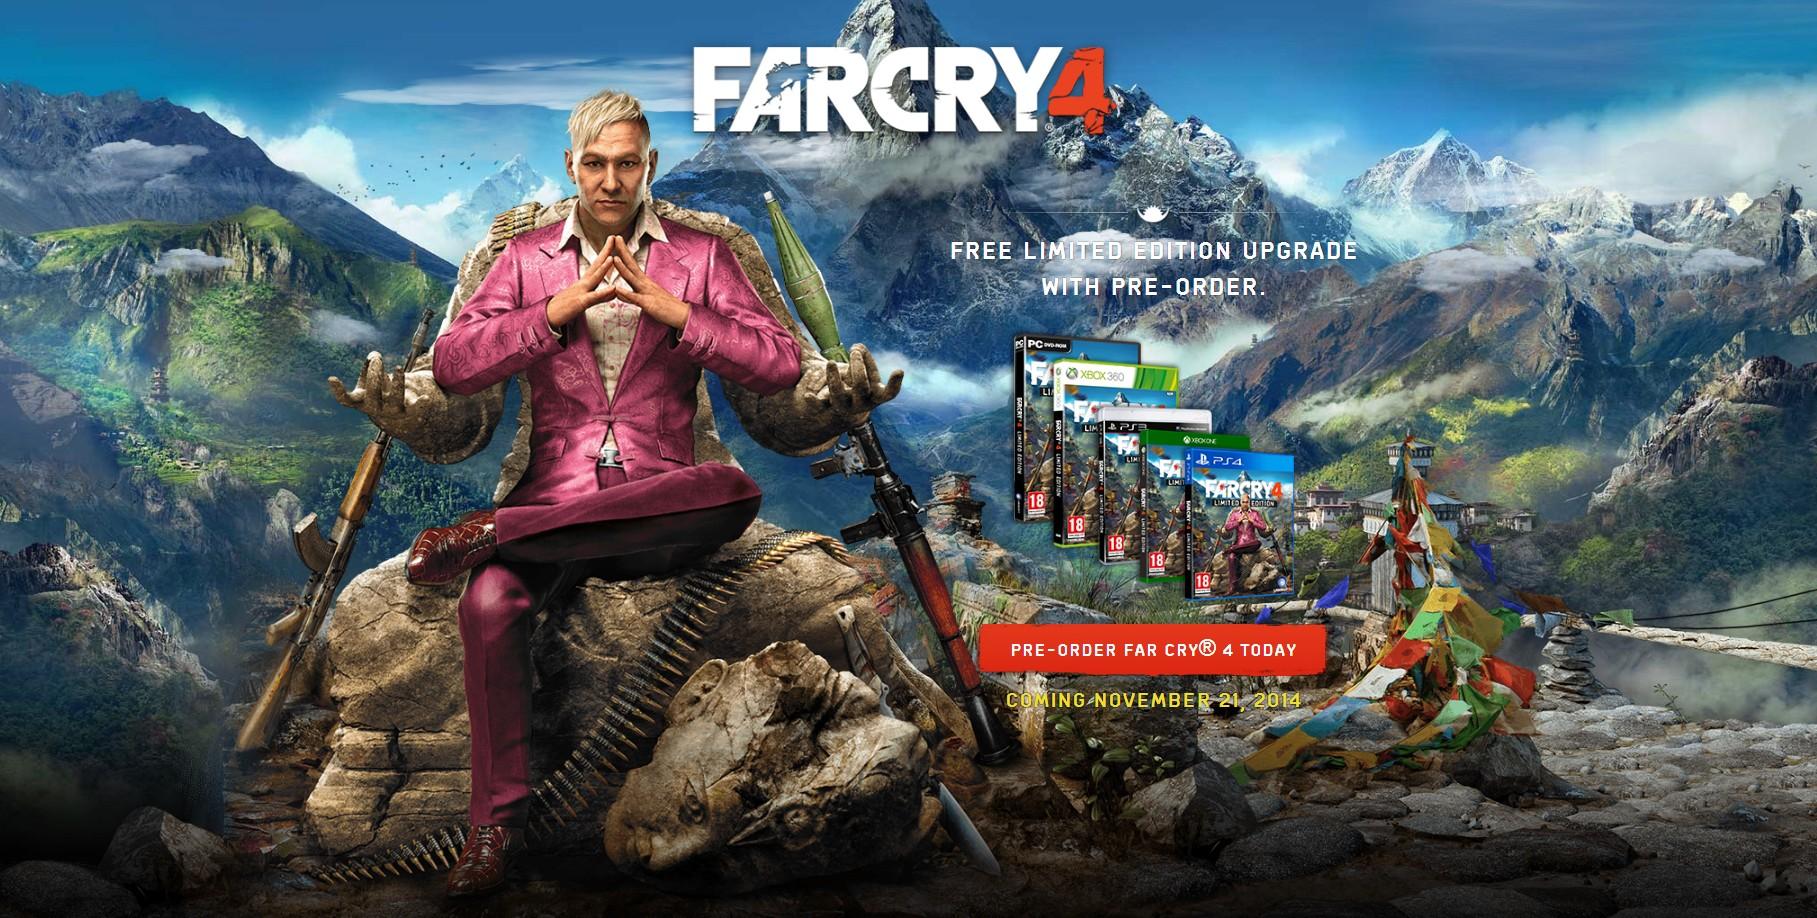 Akhirnya Ubisoft Umumkan Far Cry 4 Jagat Play